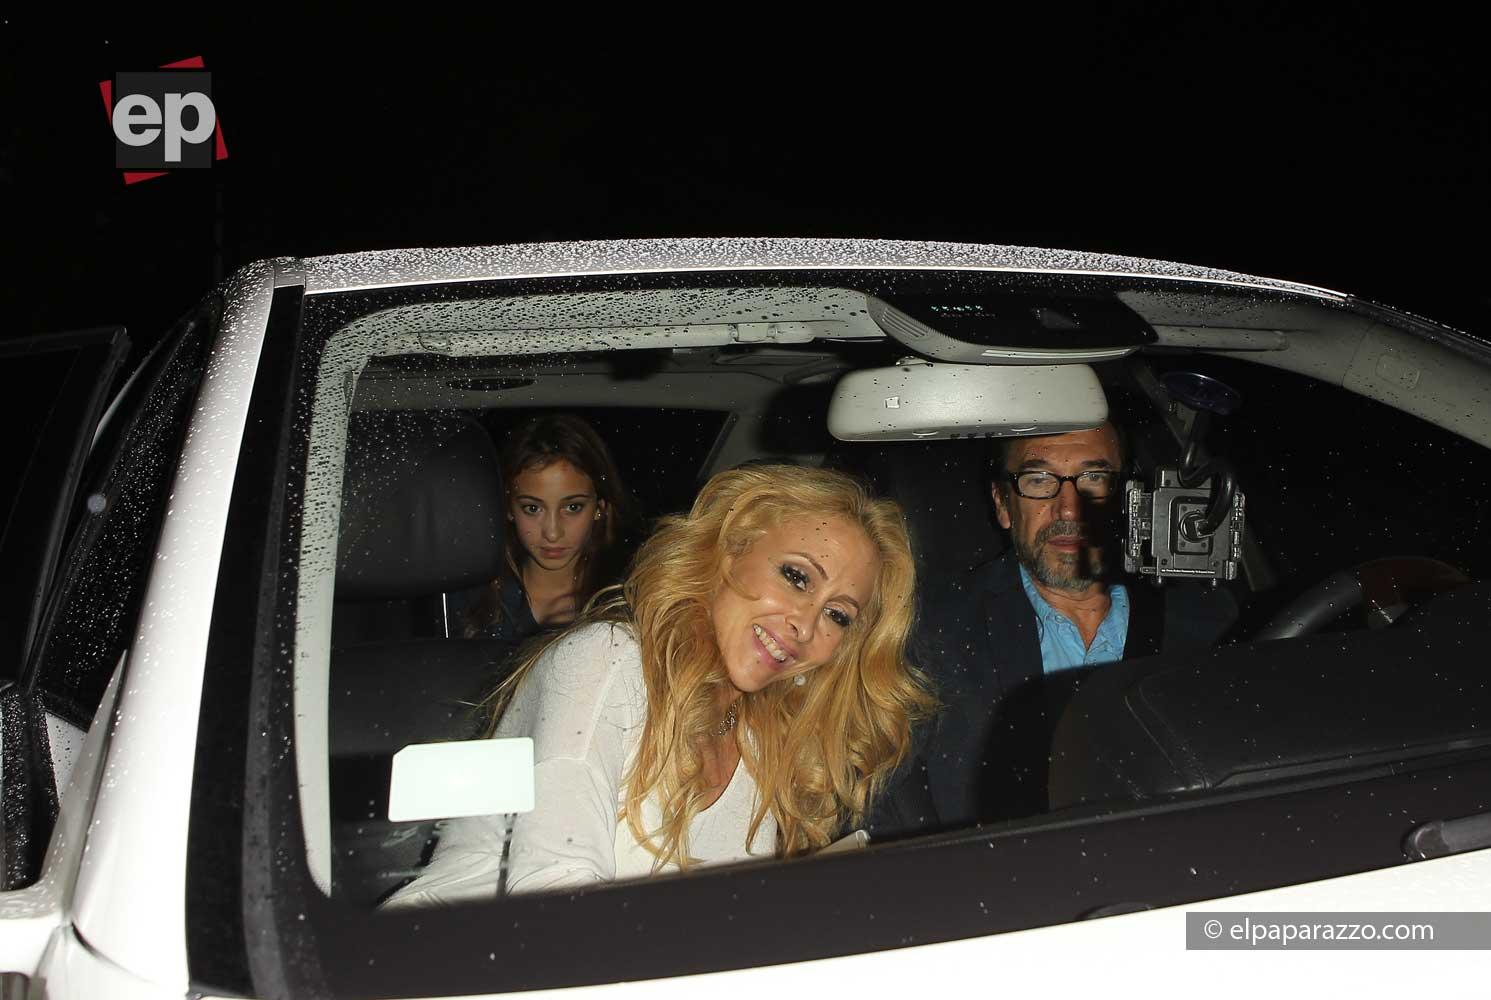 Ya con su familia en el auto, los Solis partieron a seguir disfrutando de Los Angeles